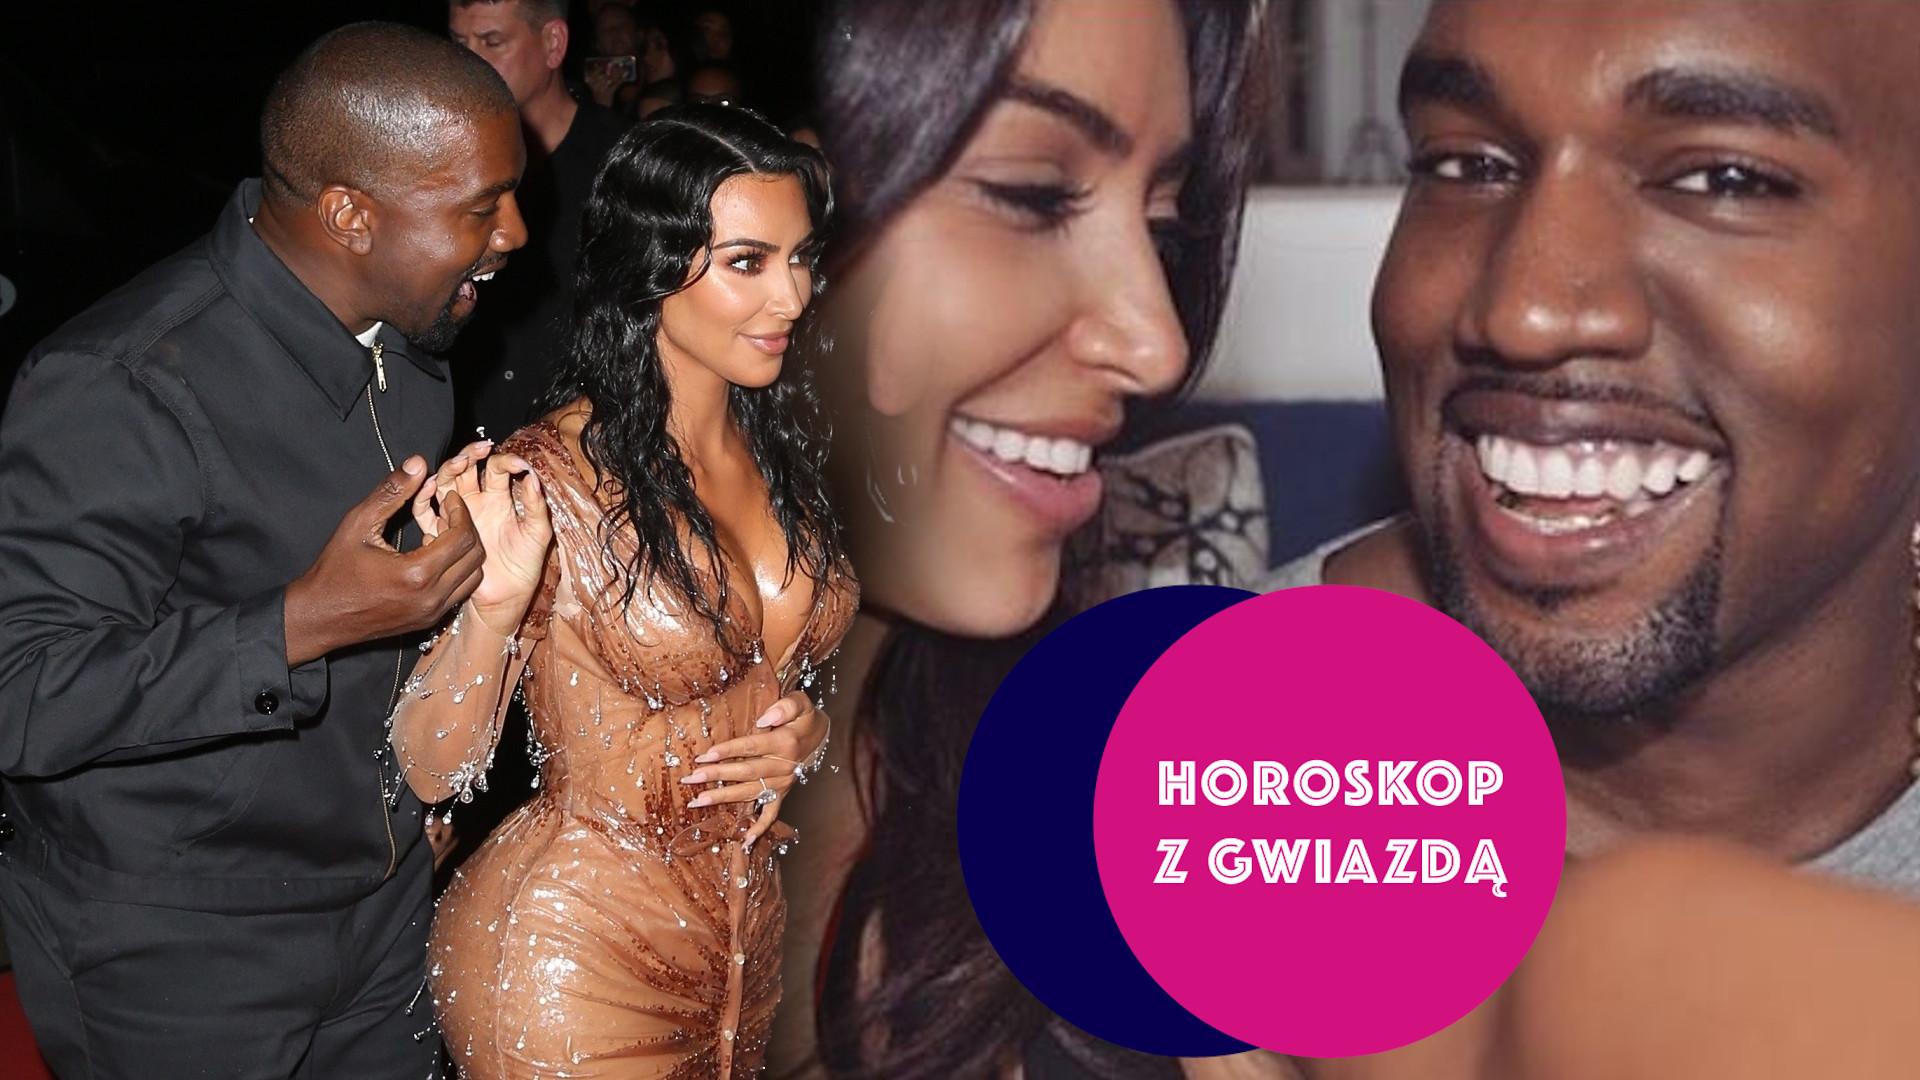 HOROSKOP Z GWIAZDĄ: Sprawdziliśmy, jak Kim Kardashian i Kanye Westowi układa się W ŁÓŻKU